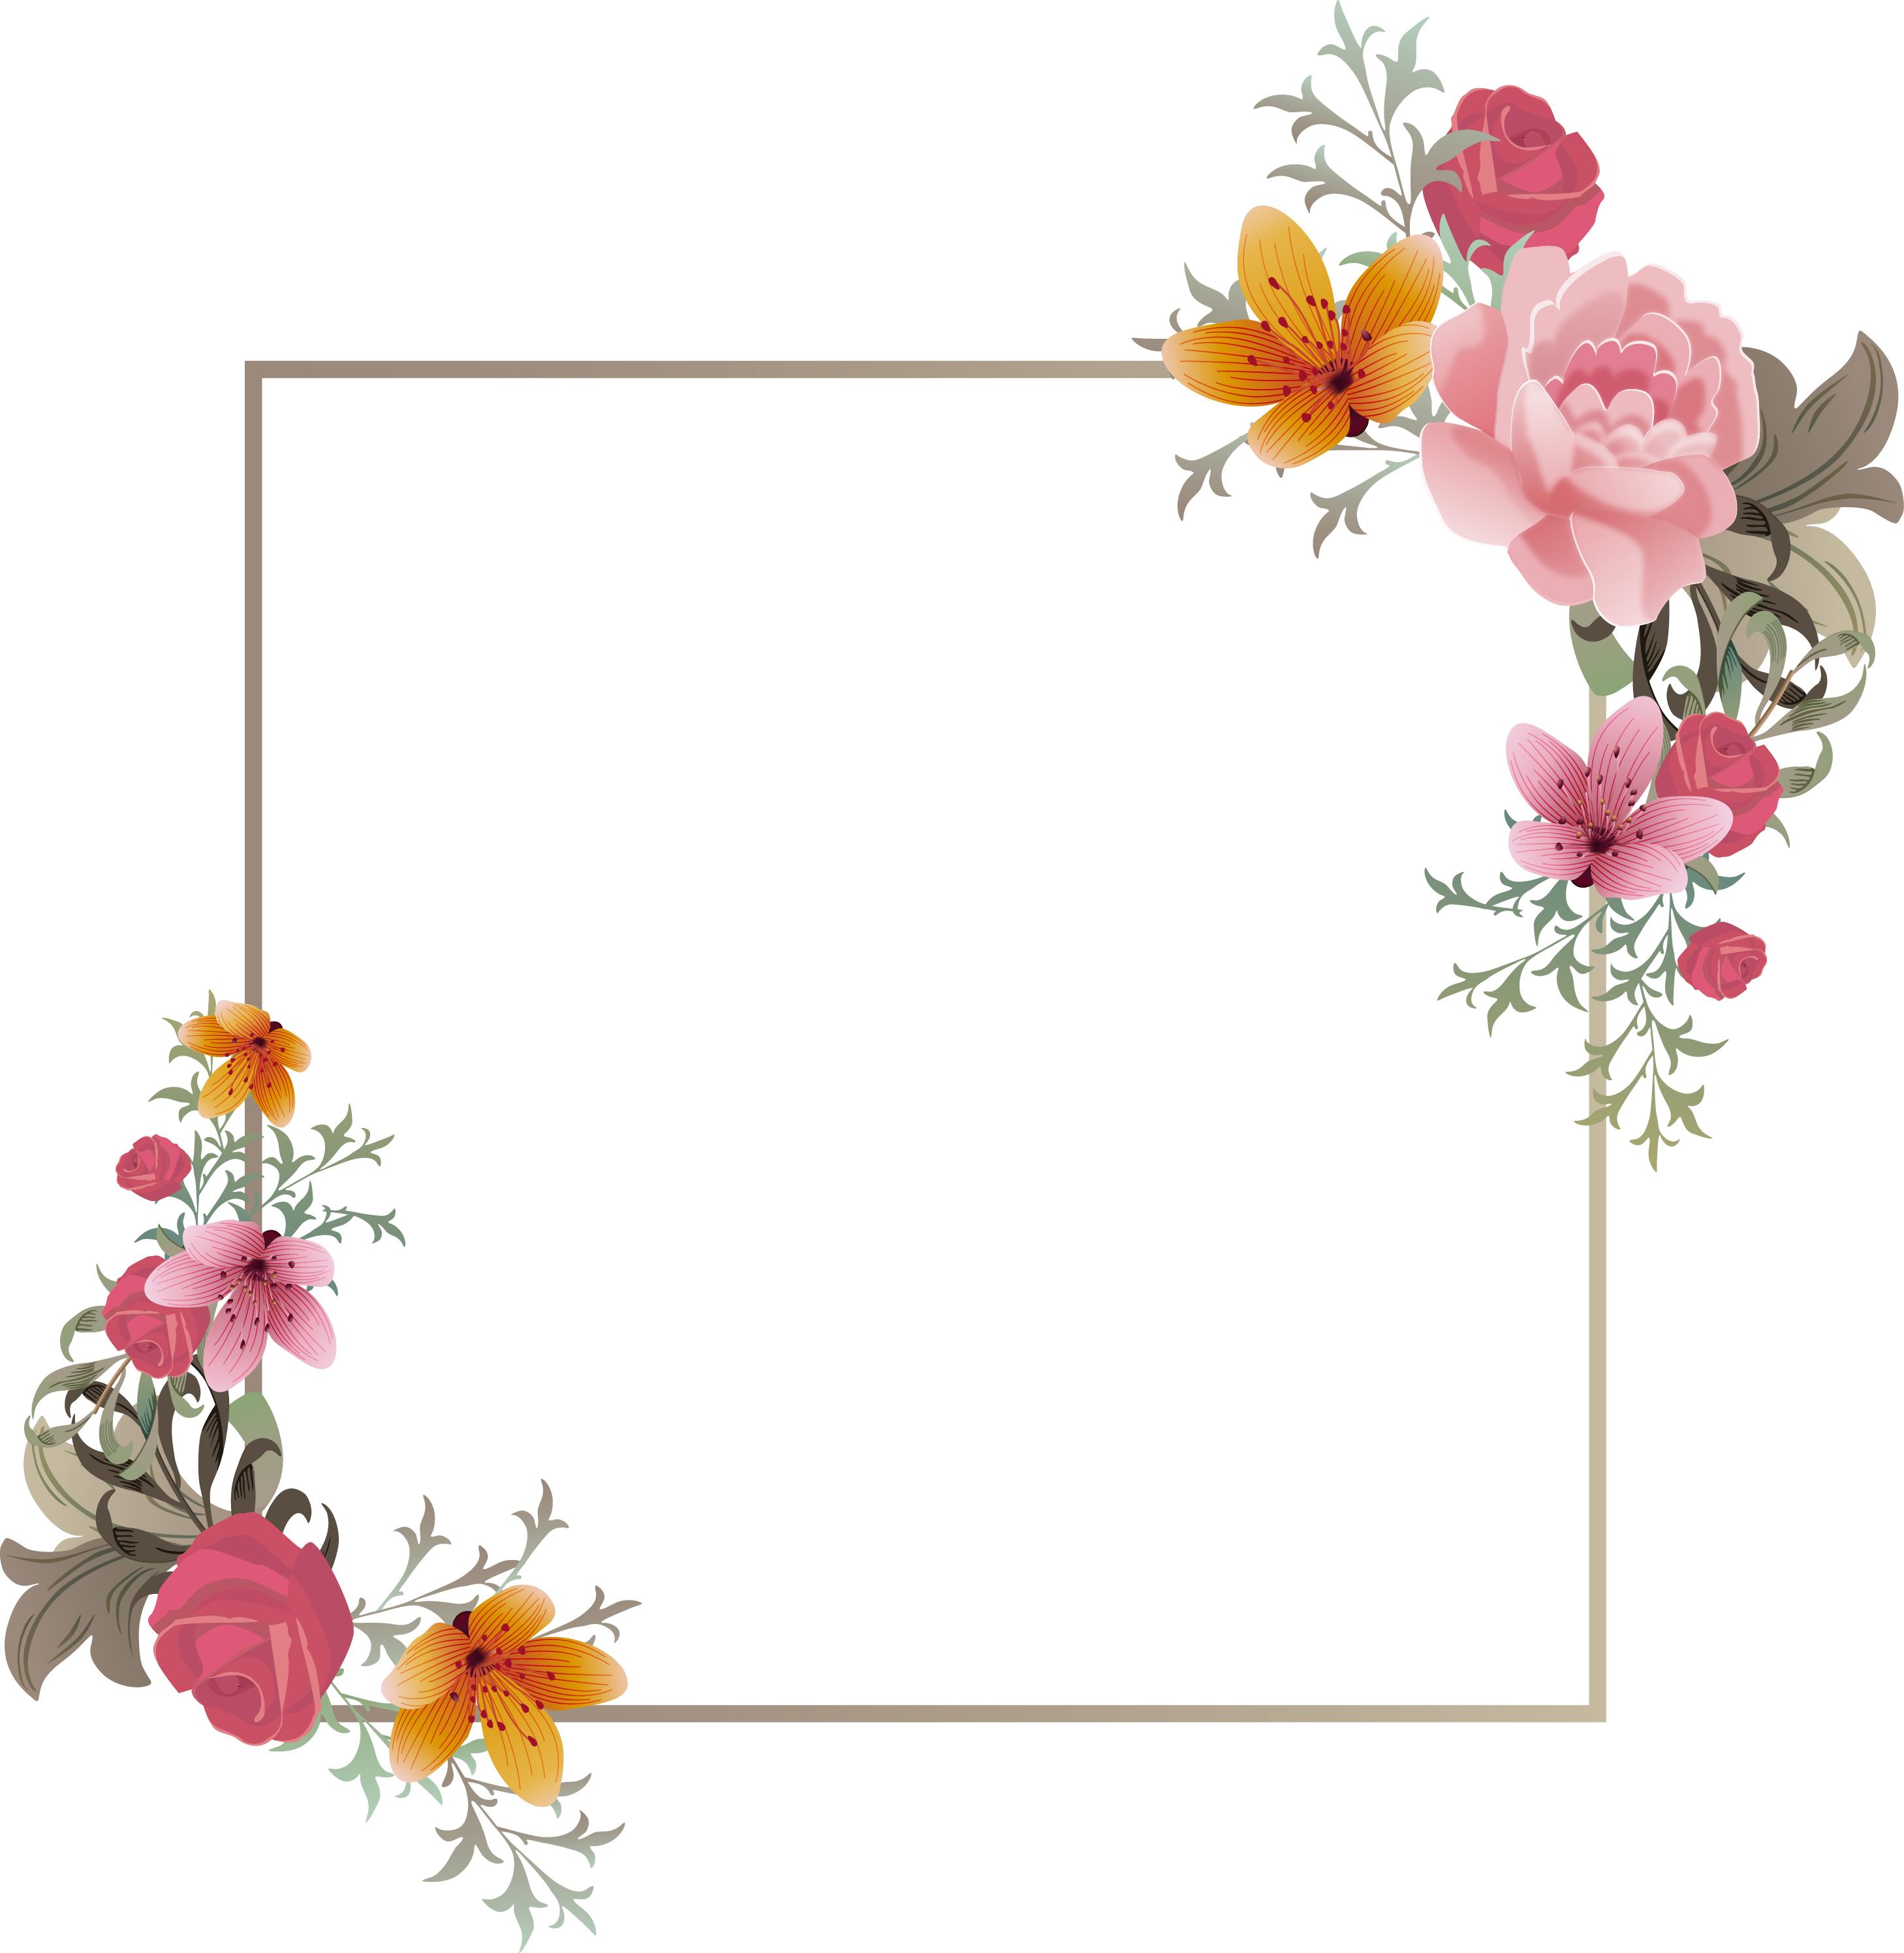 frame fotografia a representa u00e7 u00e3o floral background cria u00e7 u00e3o